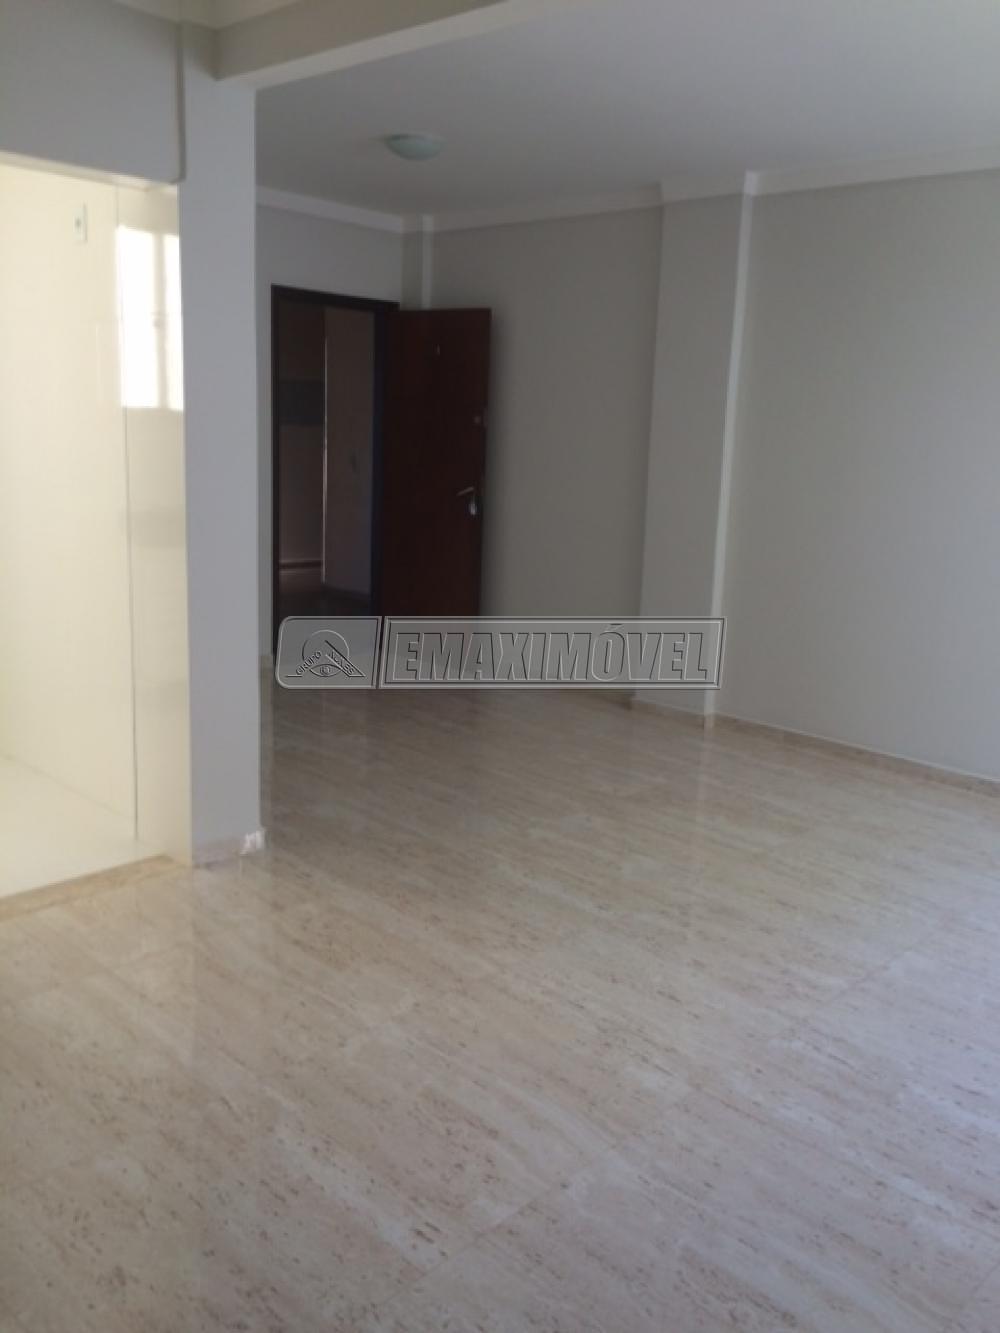 Alugar Apartamentos / Apto Padrão em Votorantim apenas R$ 850,00 - Foto 5